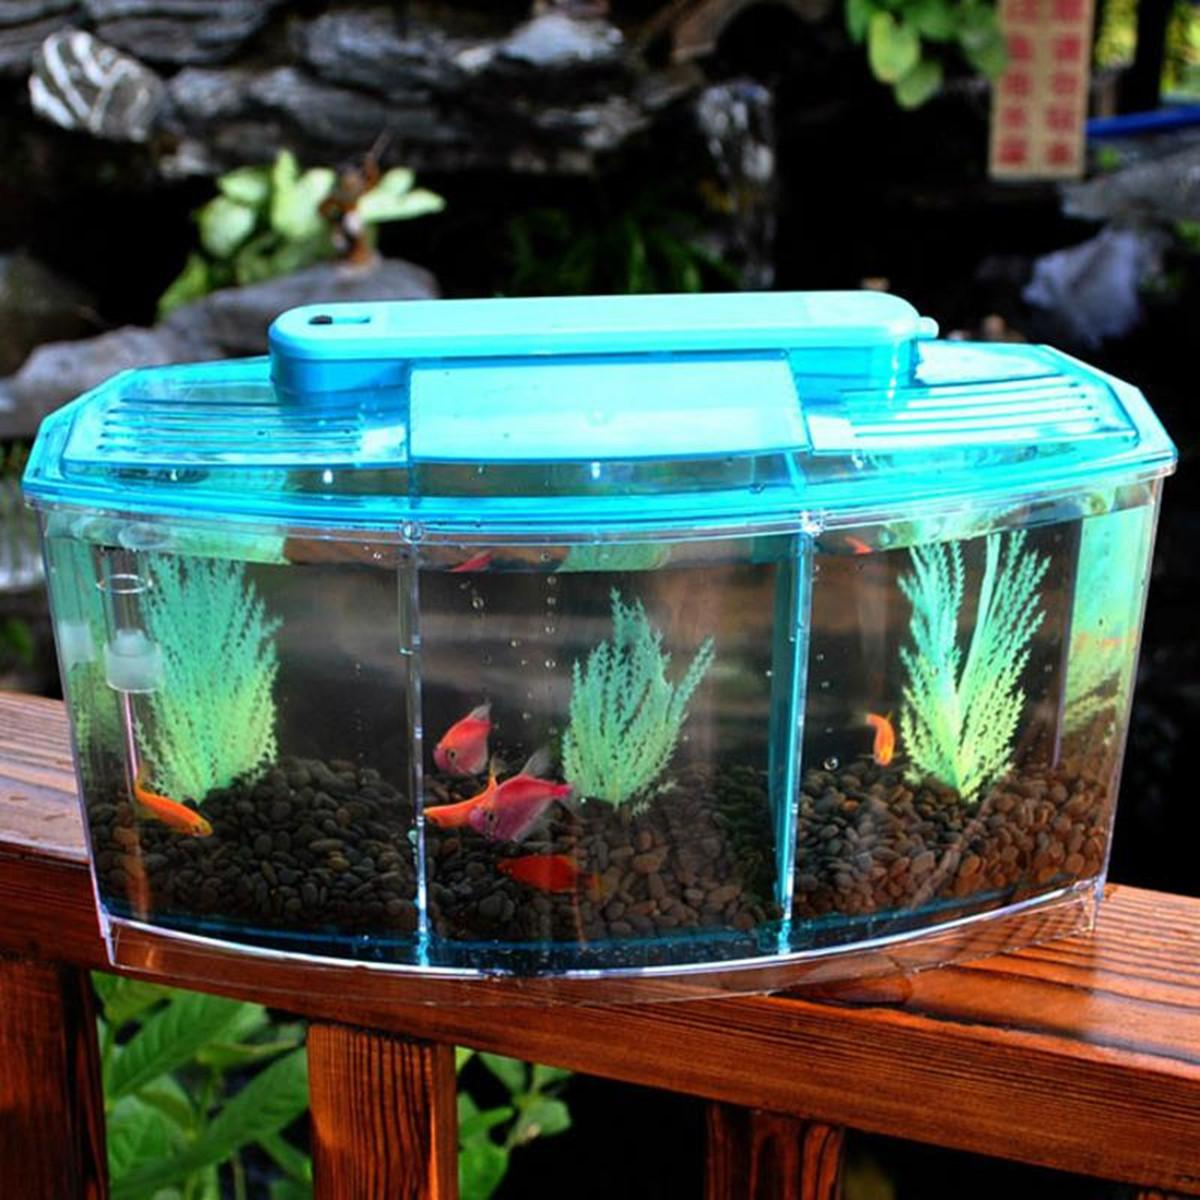 Fish price for aquarium in india - Detail Image